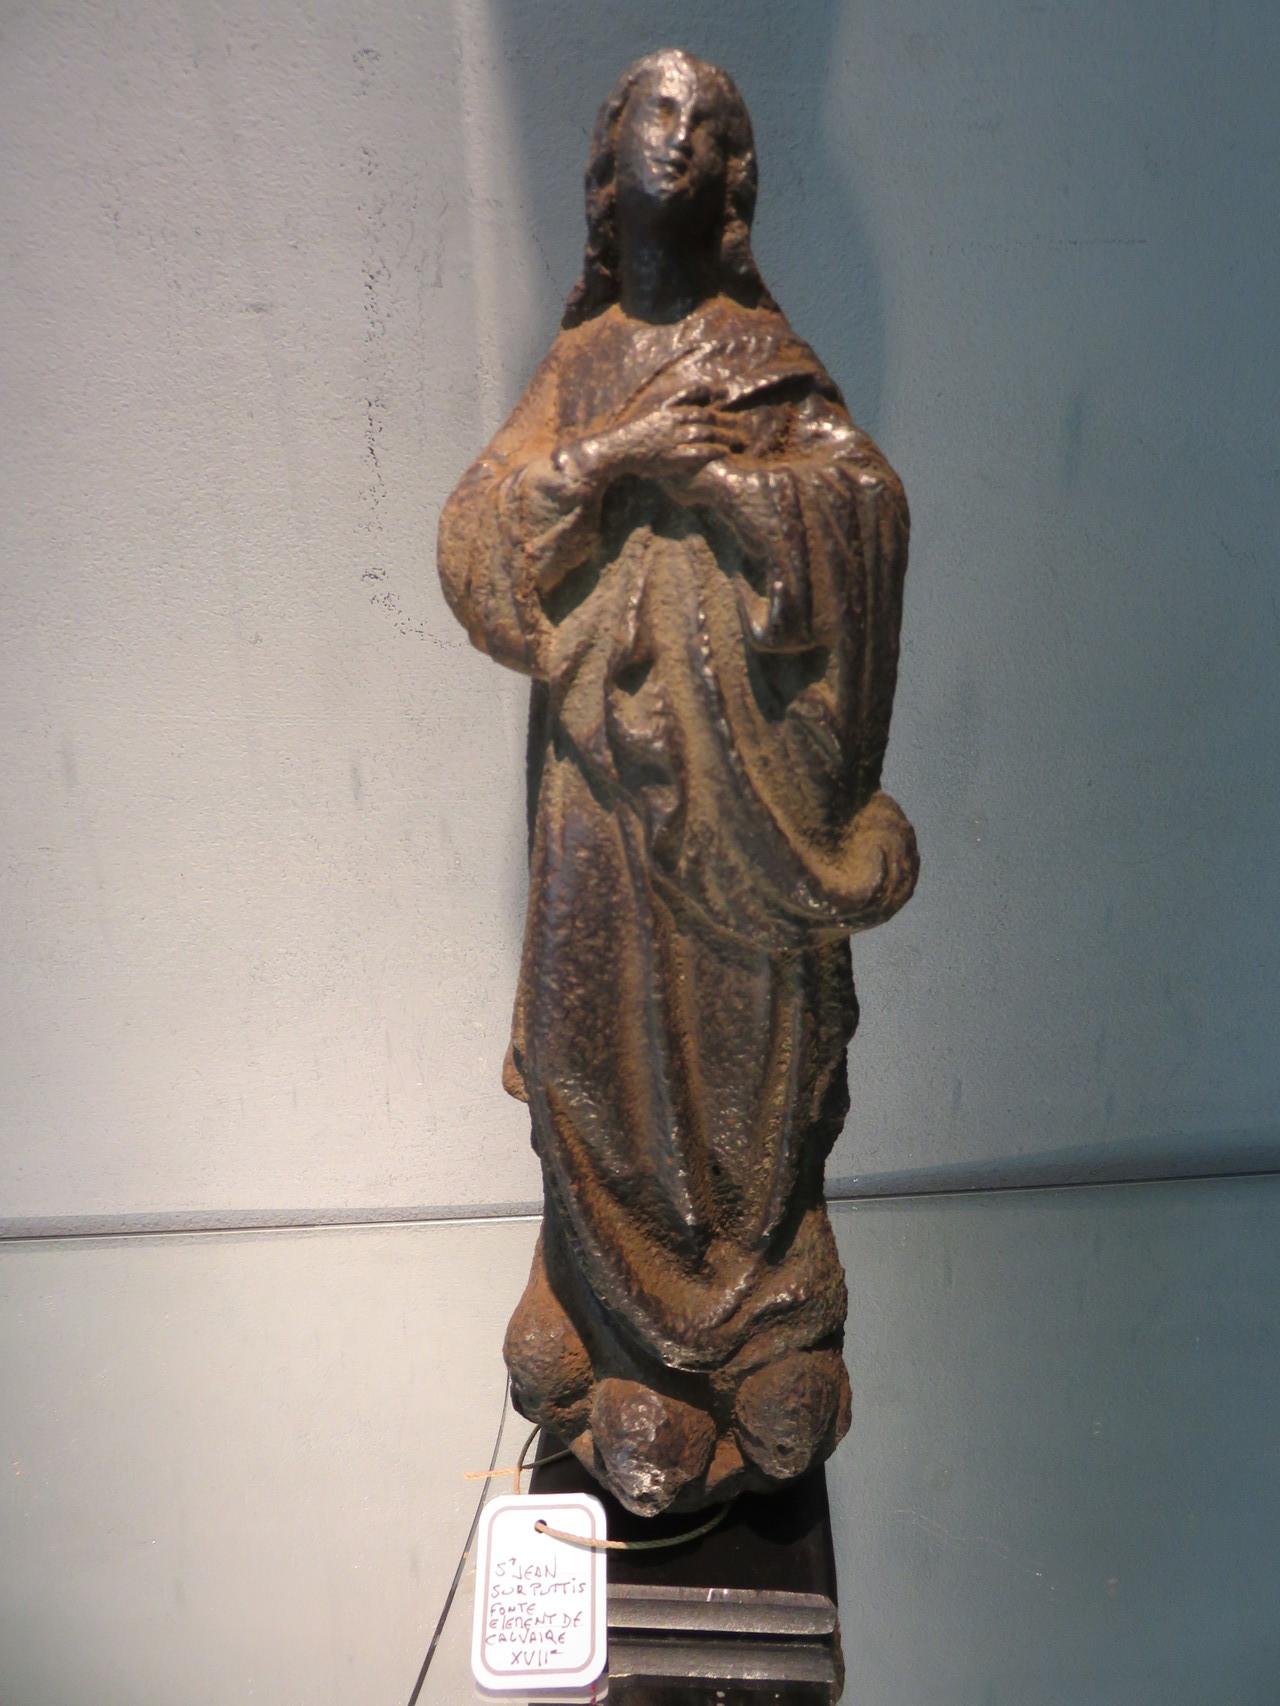 St Jean en fonte element de calvaire XVIIe